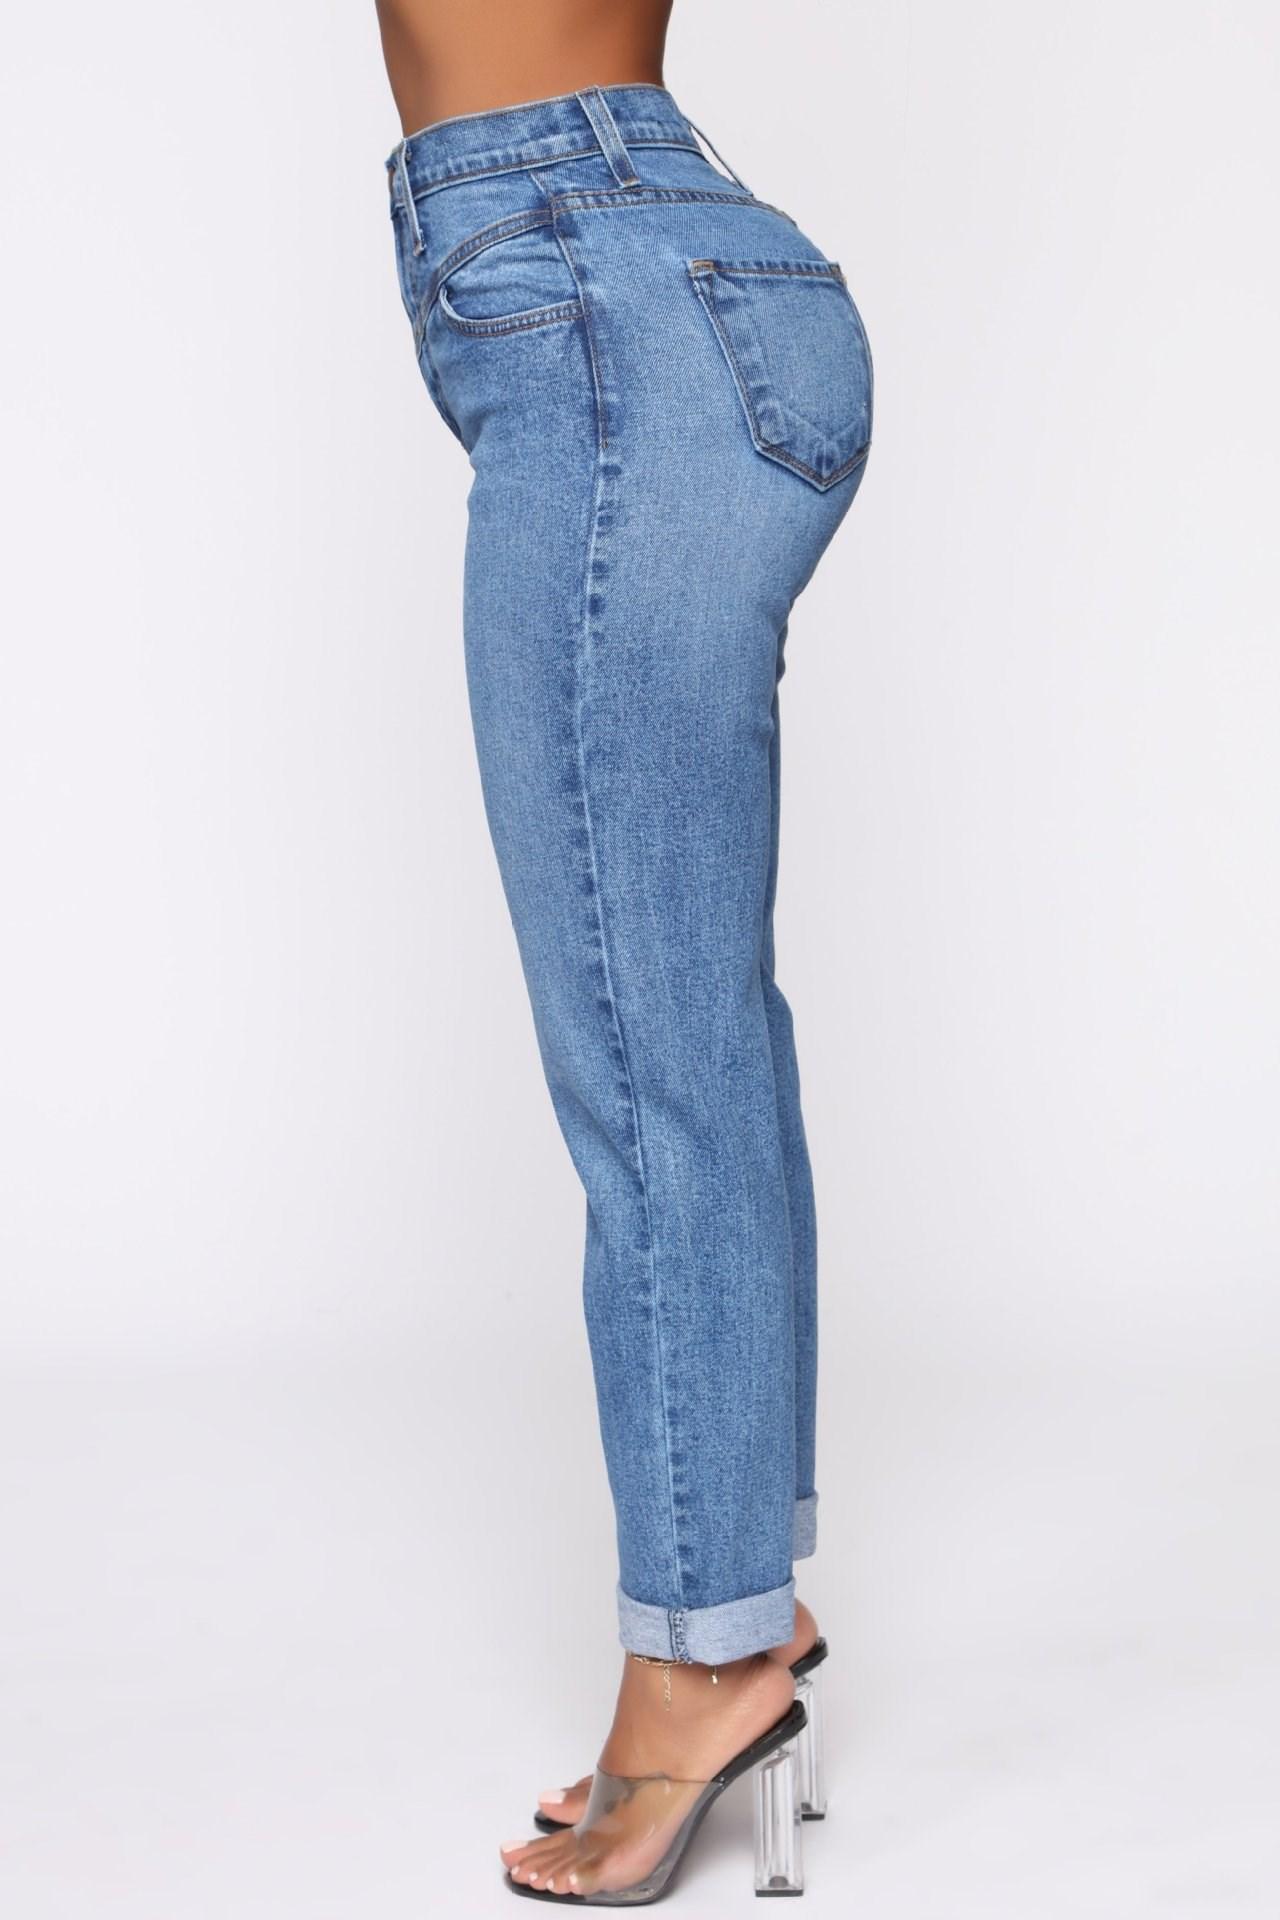 妮妮韓國服飾店~Conventional model restore ancient ways of tall waist Mom